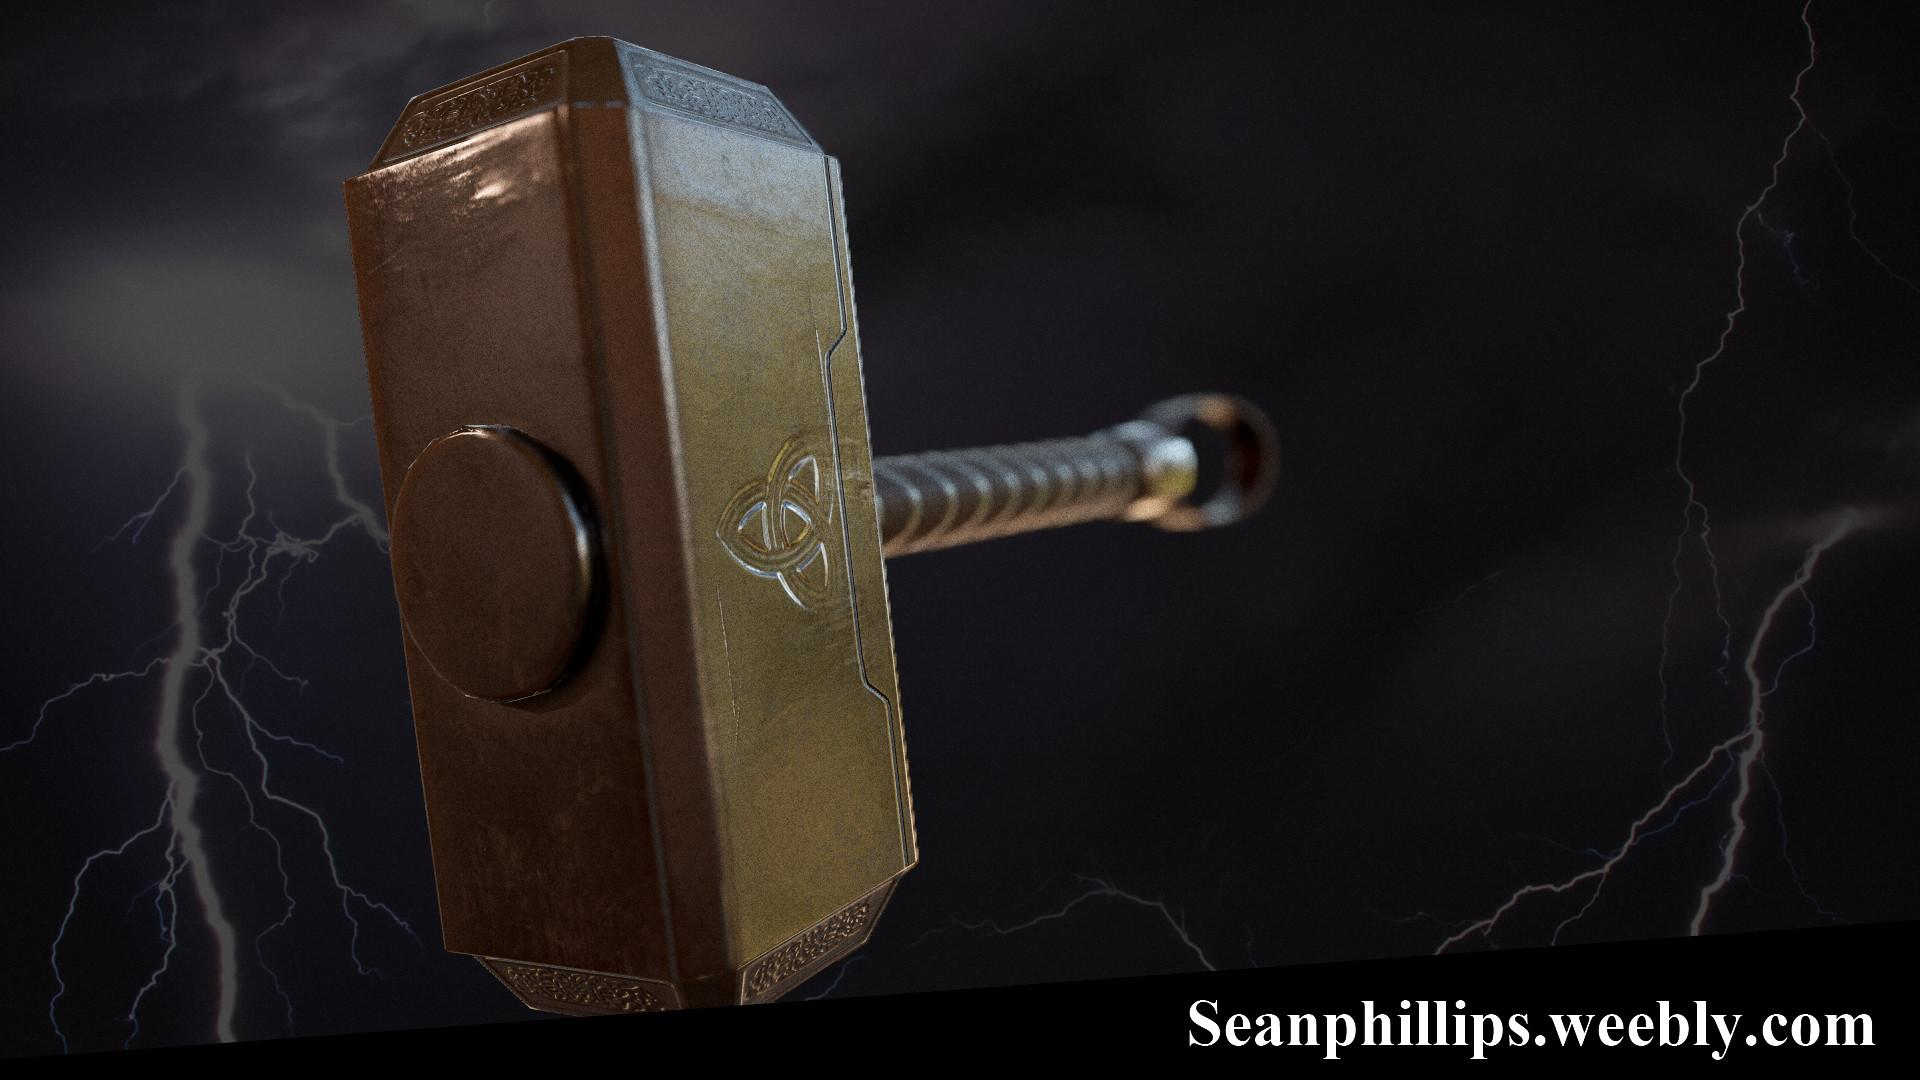 Sean phillips hammer 0002